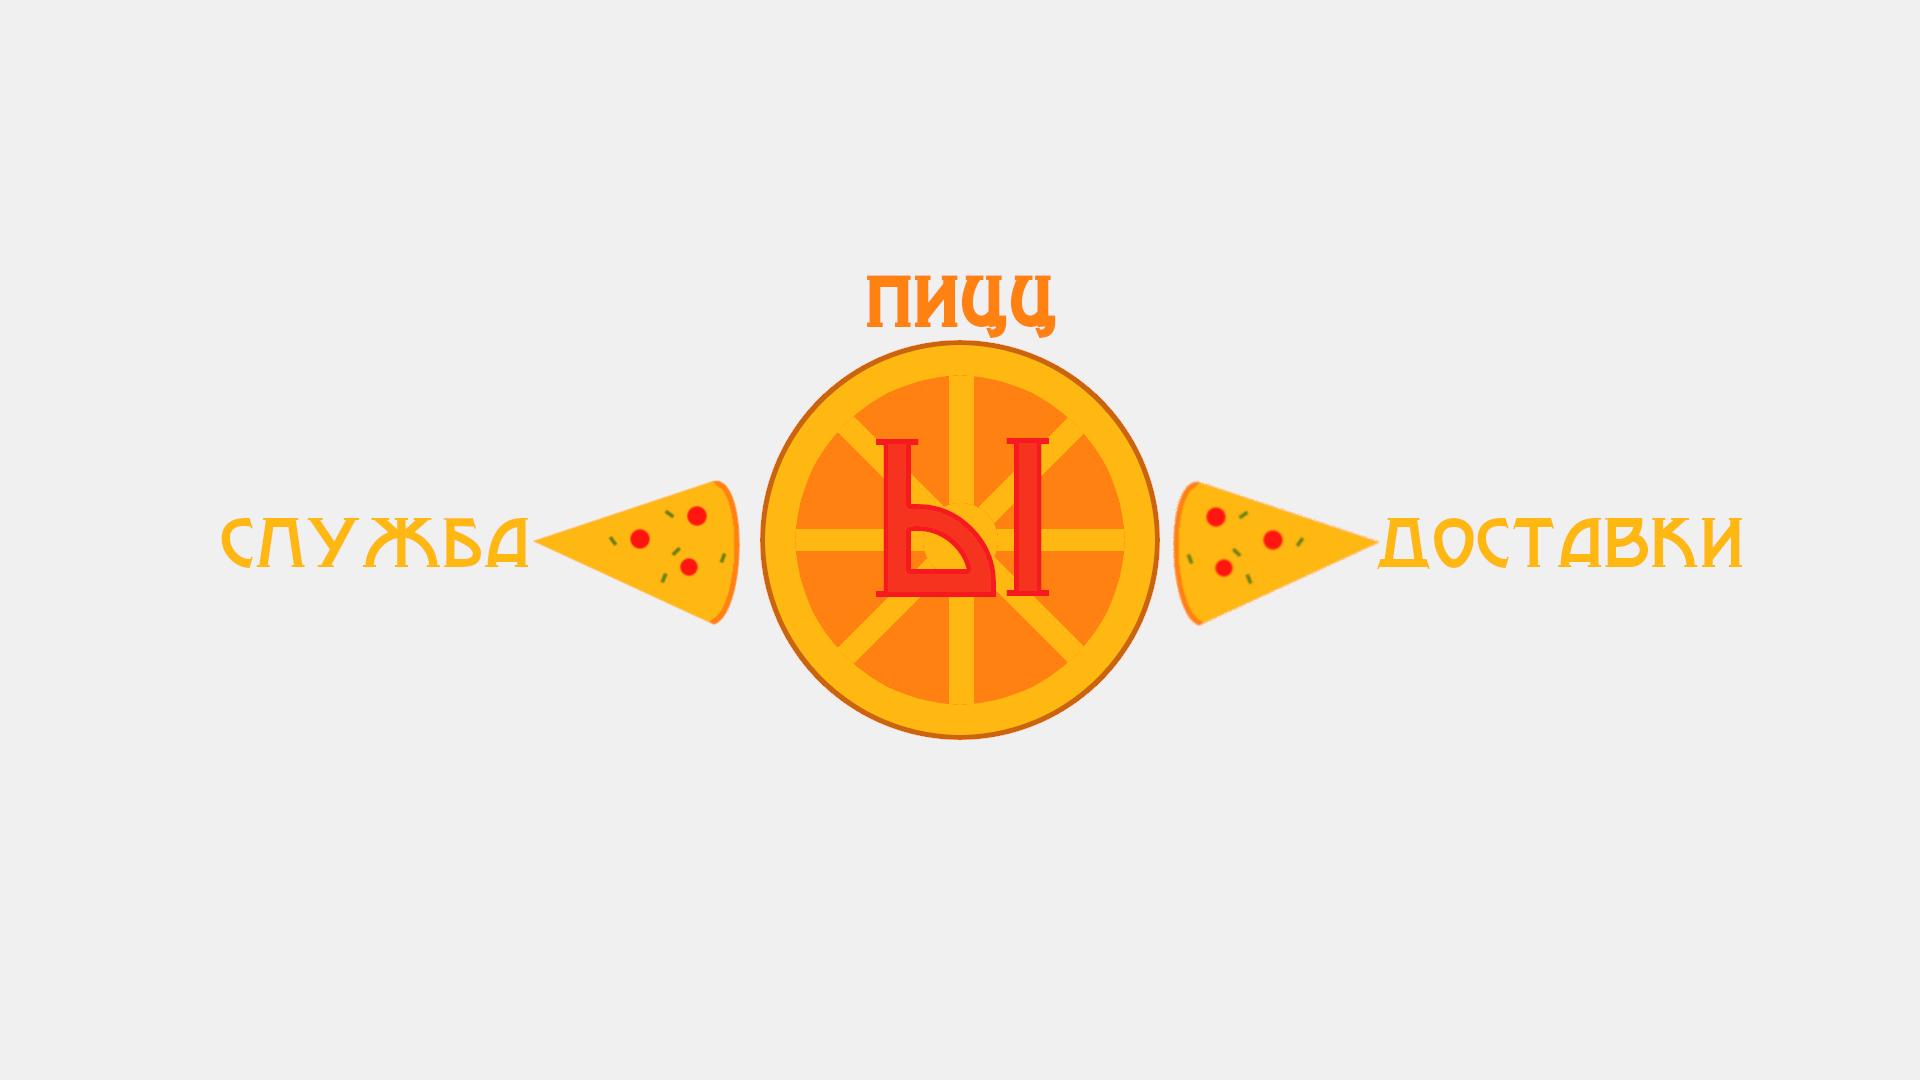 Разыскивается дизайнер для разработки лого службы доставки фото f_0745c3842ea44c32.jpg